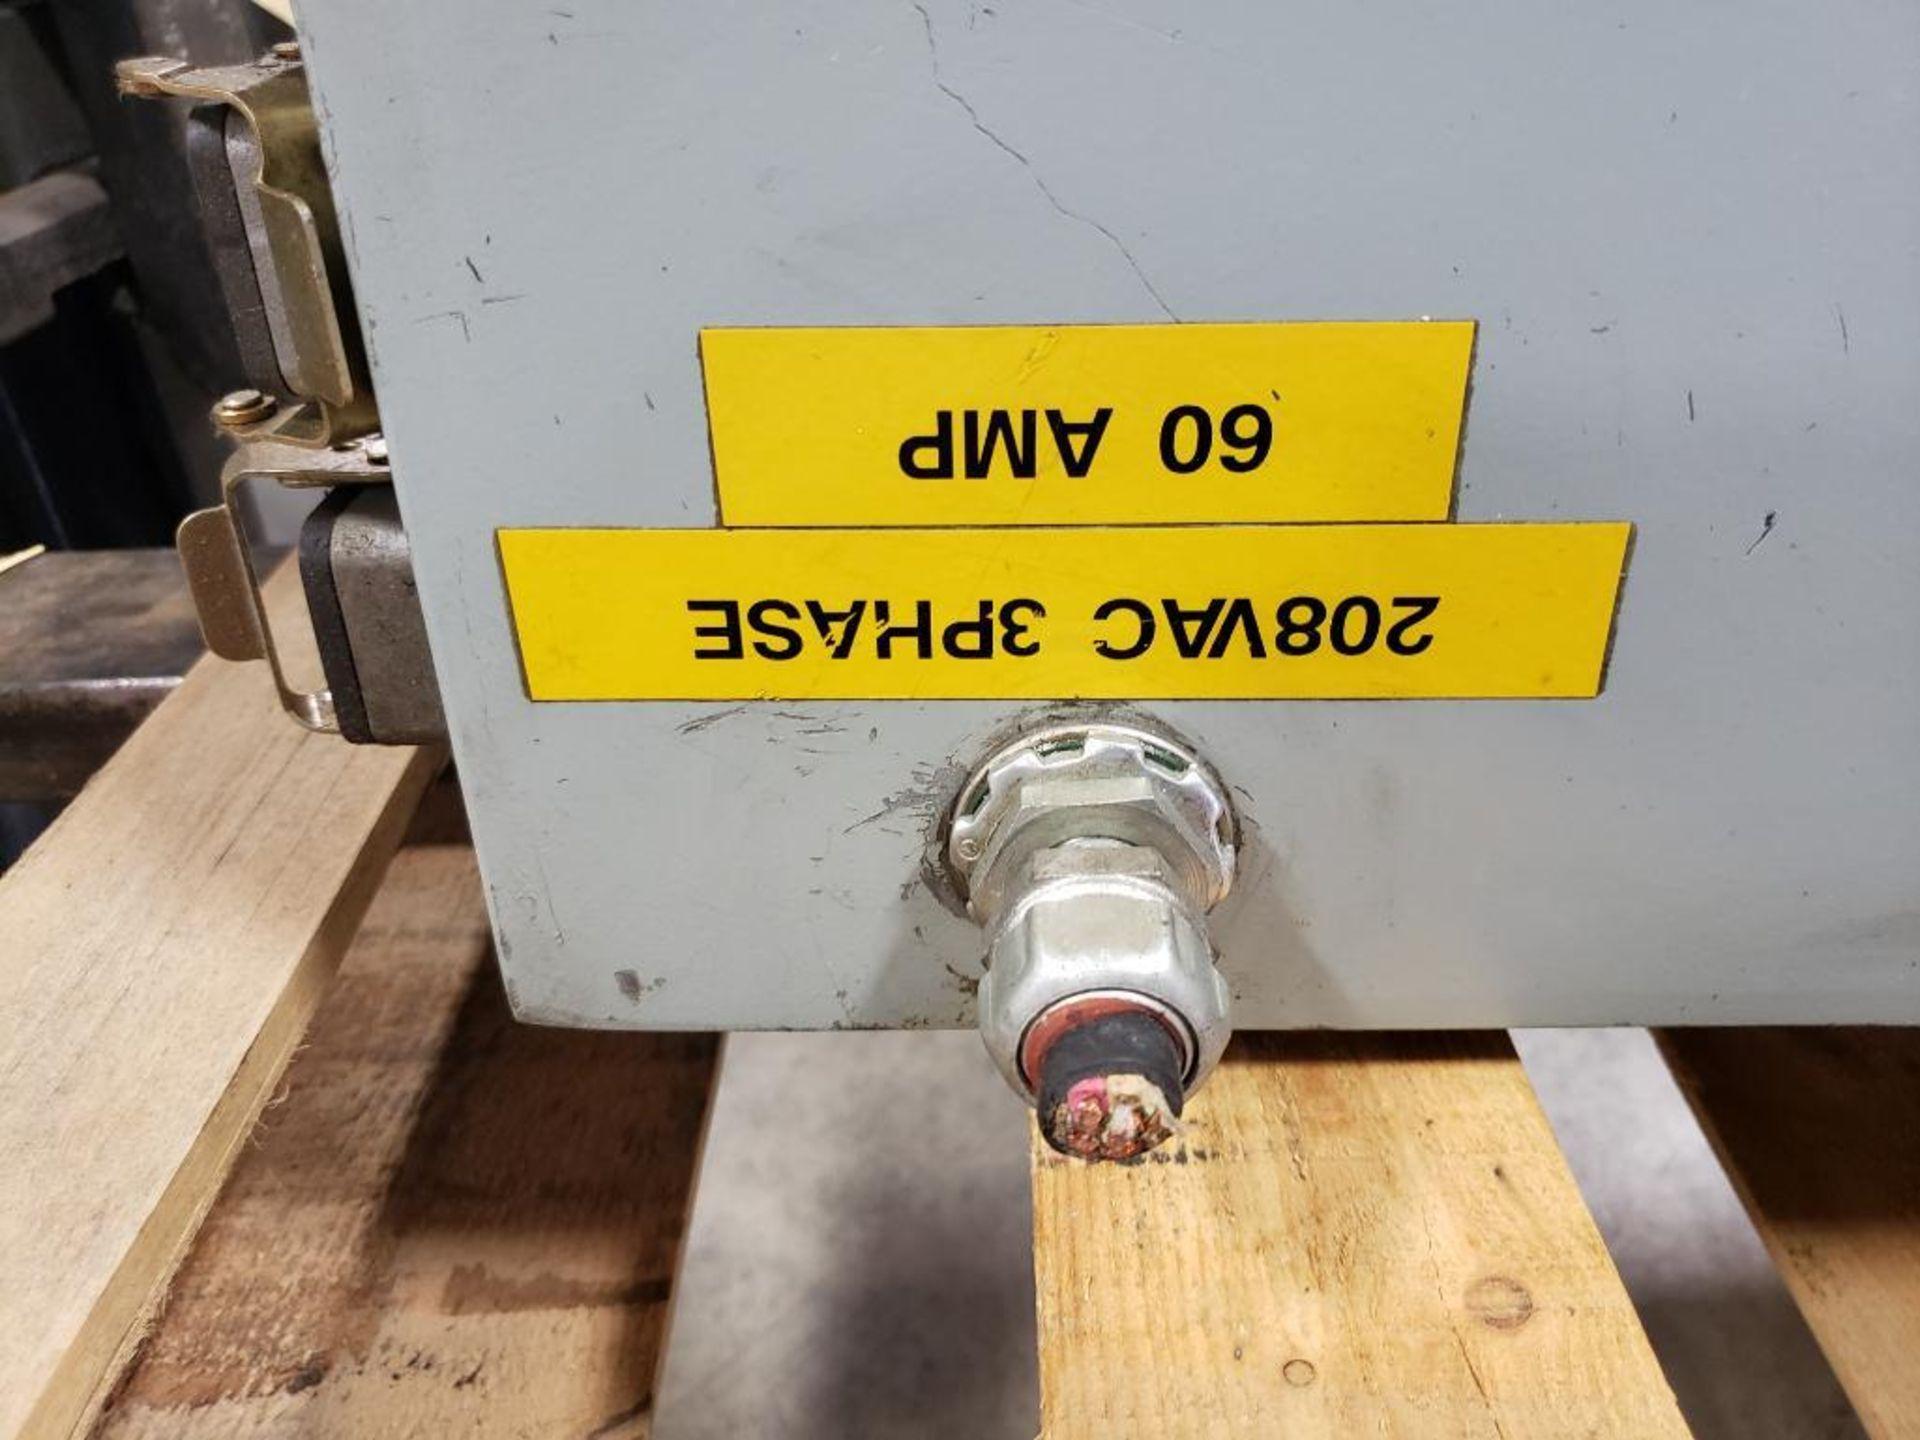 Chiller control cabinet. Hoffman enclosure, Cutler Hammer AF93AG0B007D drive, Allen Bradley drive. - Image 7 of 35